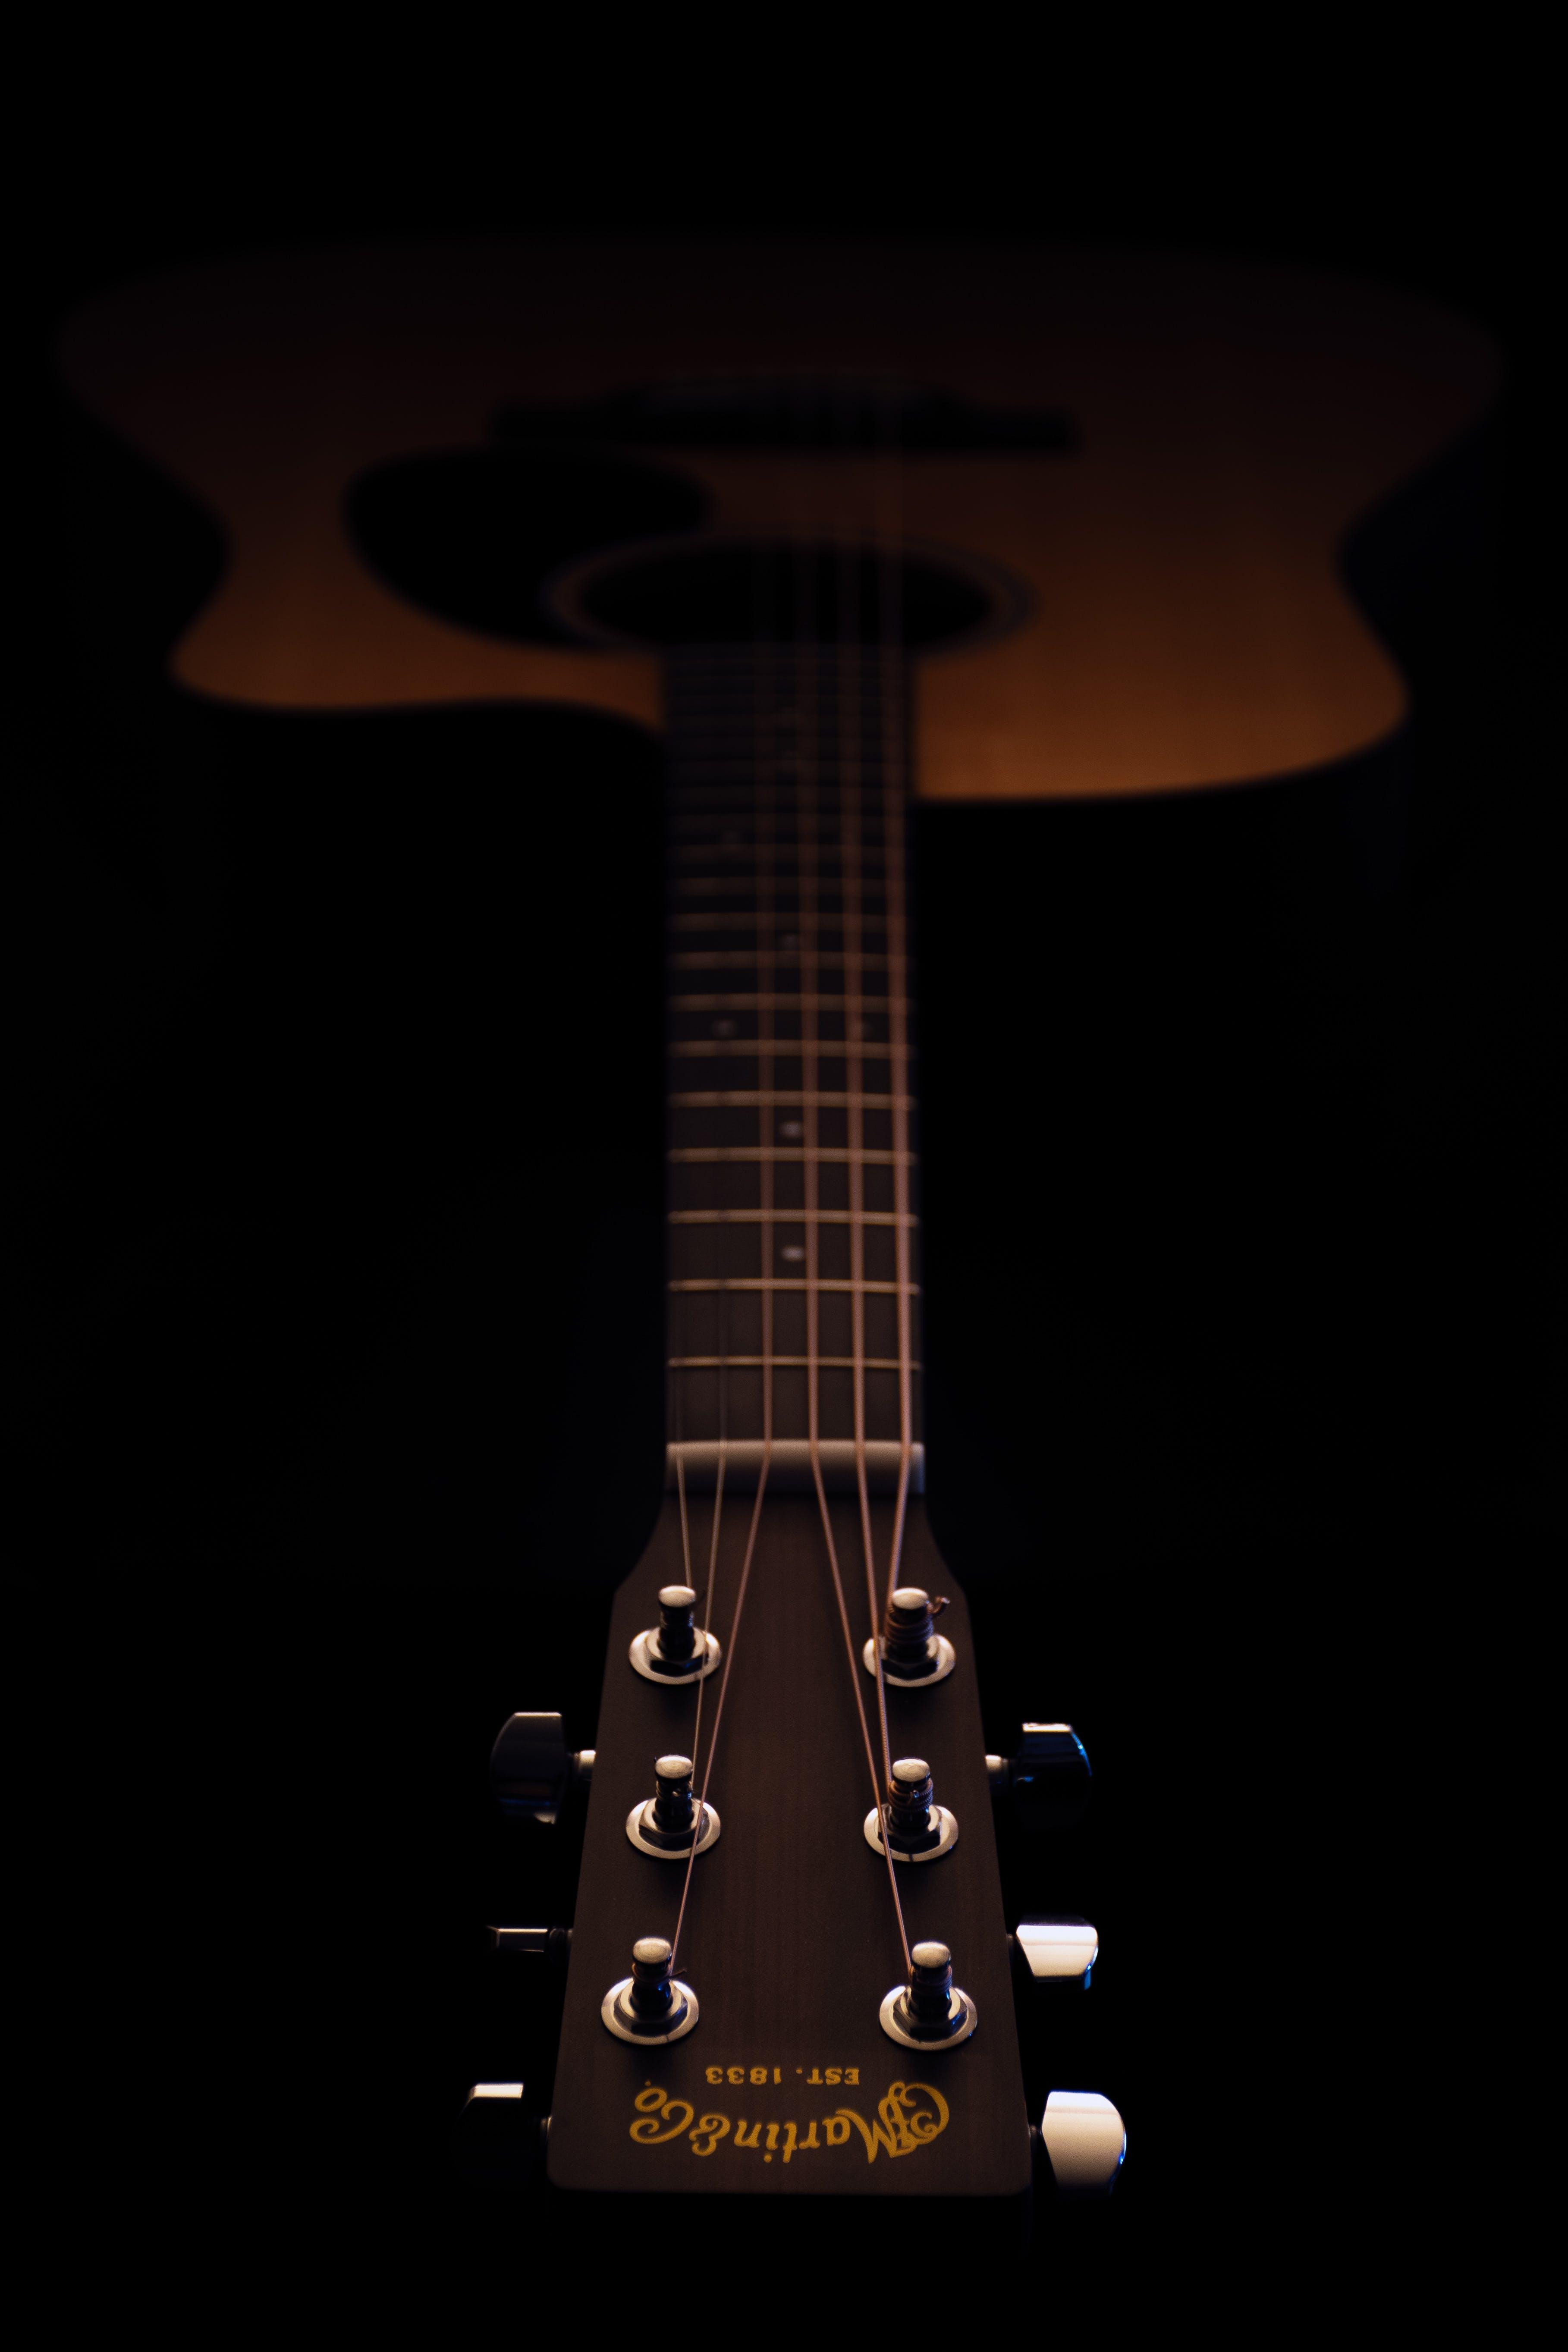 гитара, инструмент, музыкальный инструмент